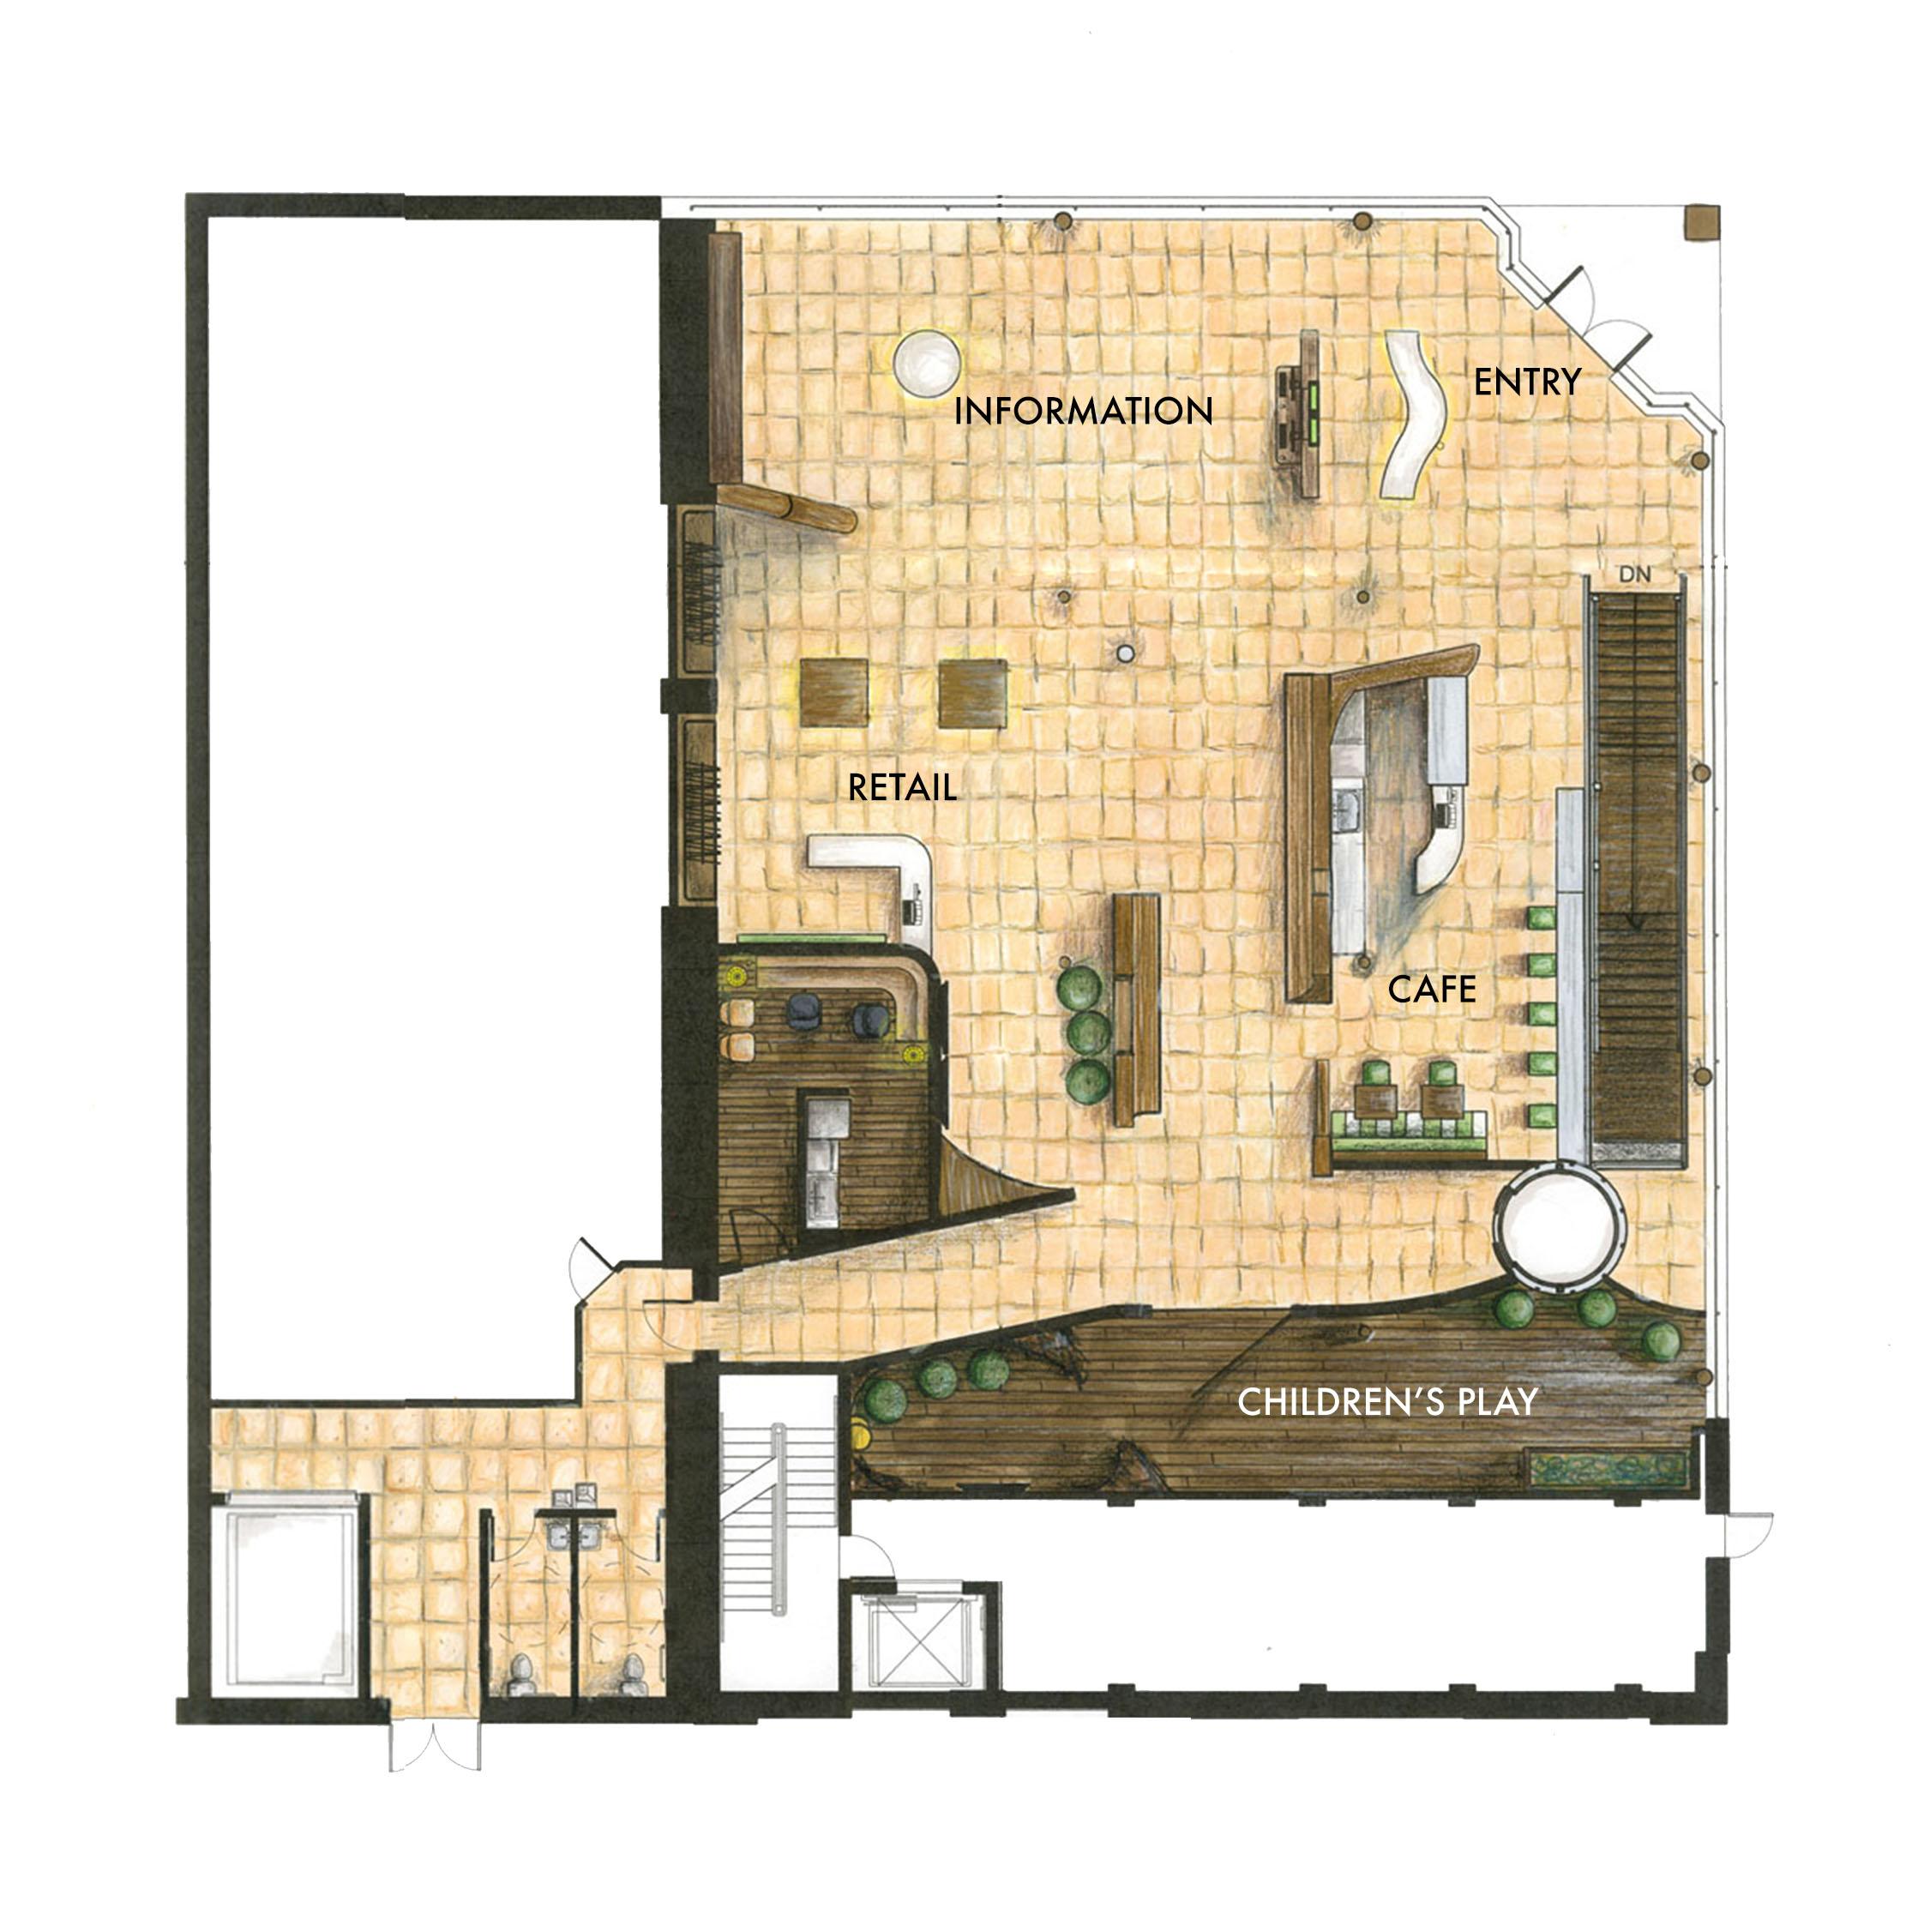 First floor furniture plan. ©2011 Caroline Ingalls.